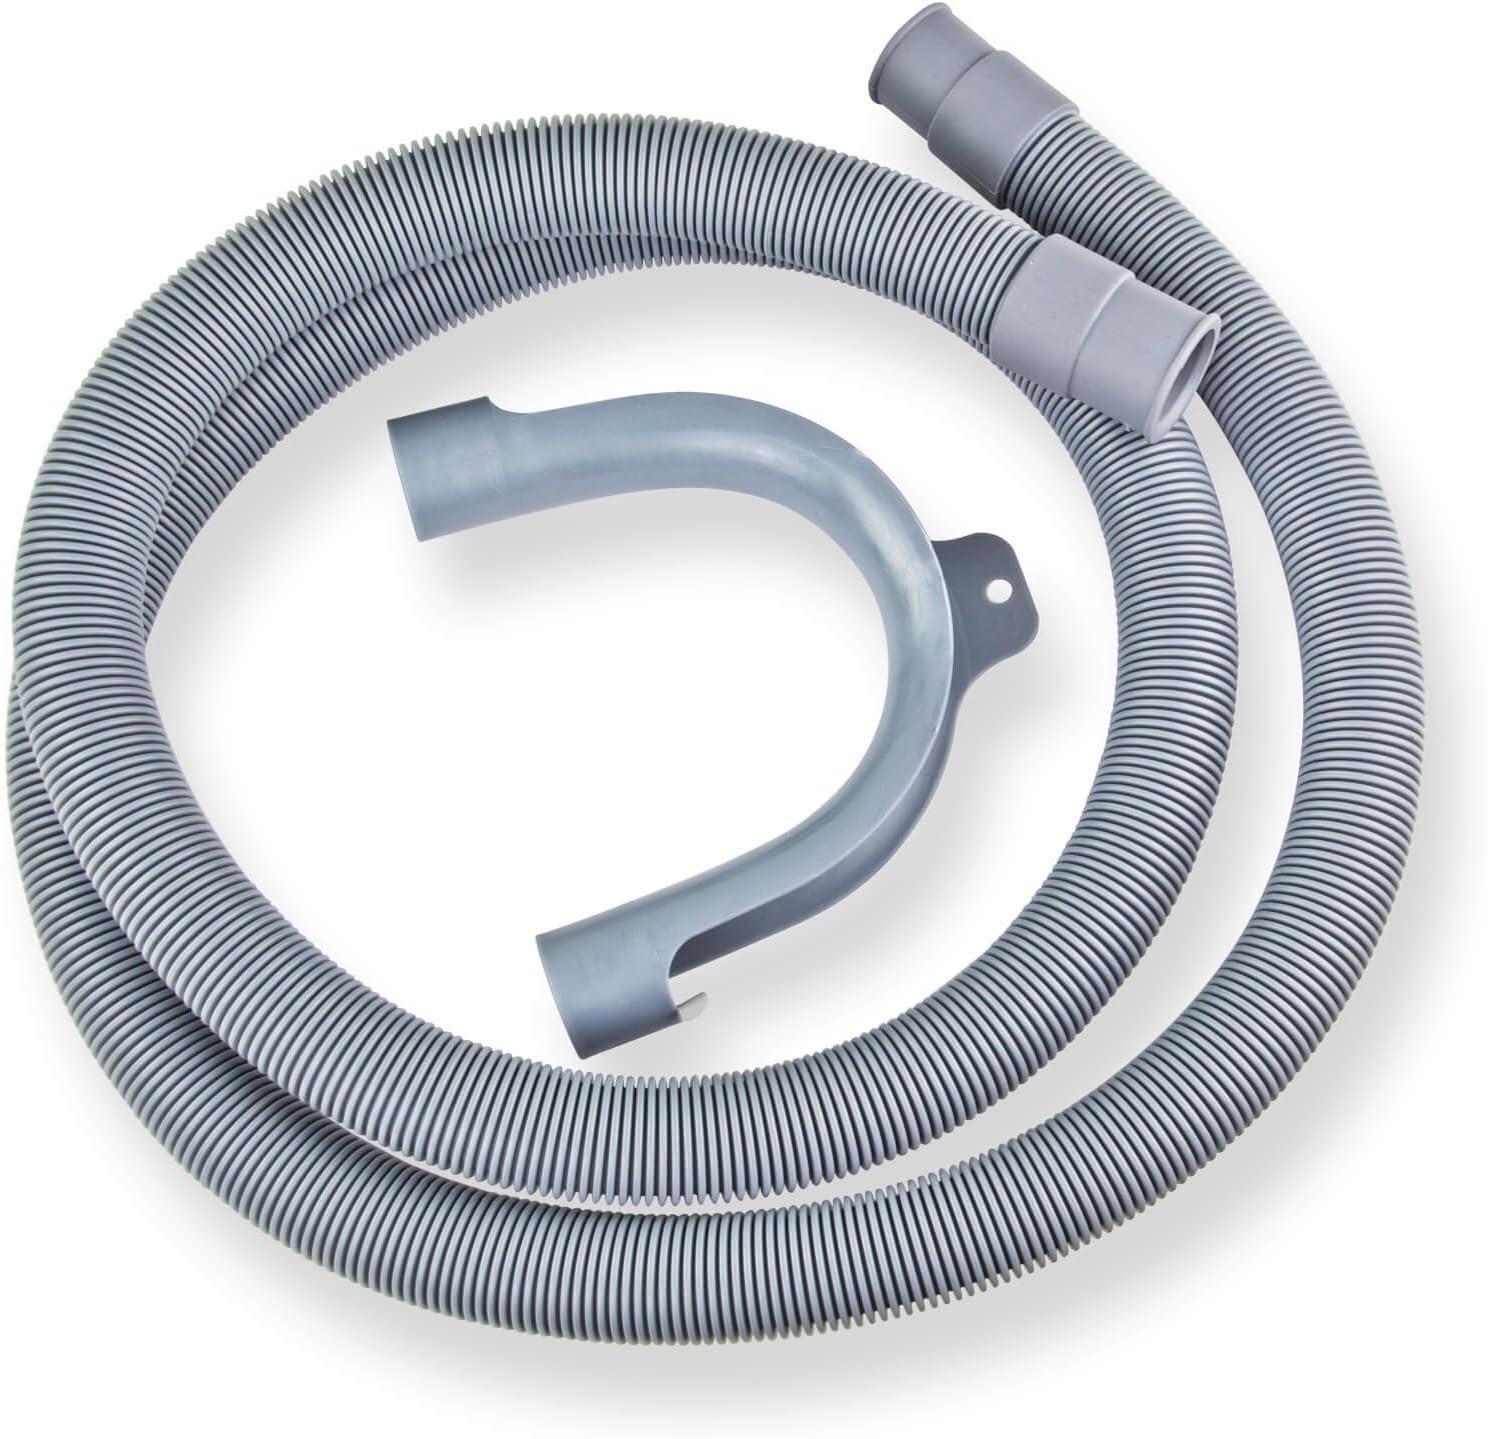 Stabilo de sanitaria – Manguera 19/22 mm de aguas residuales ...